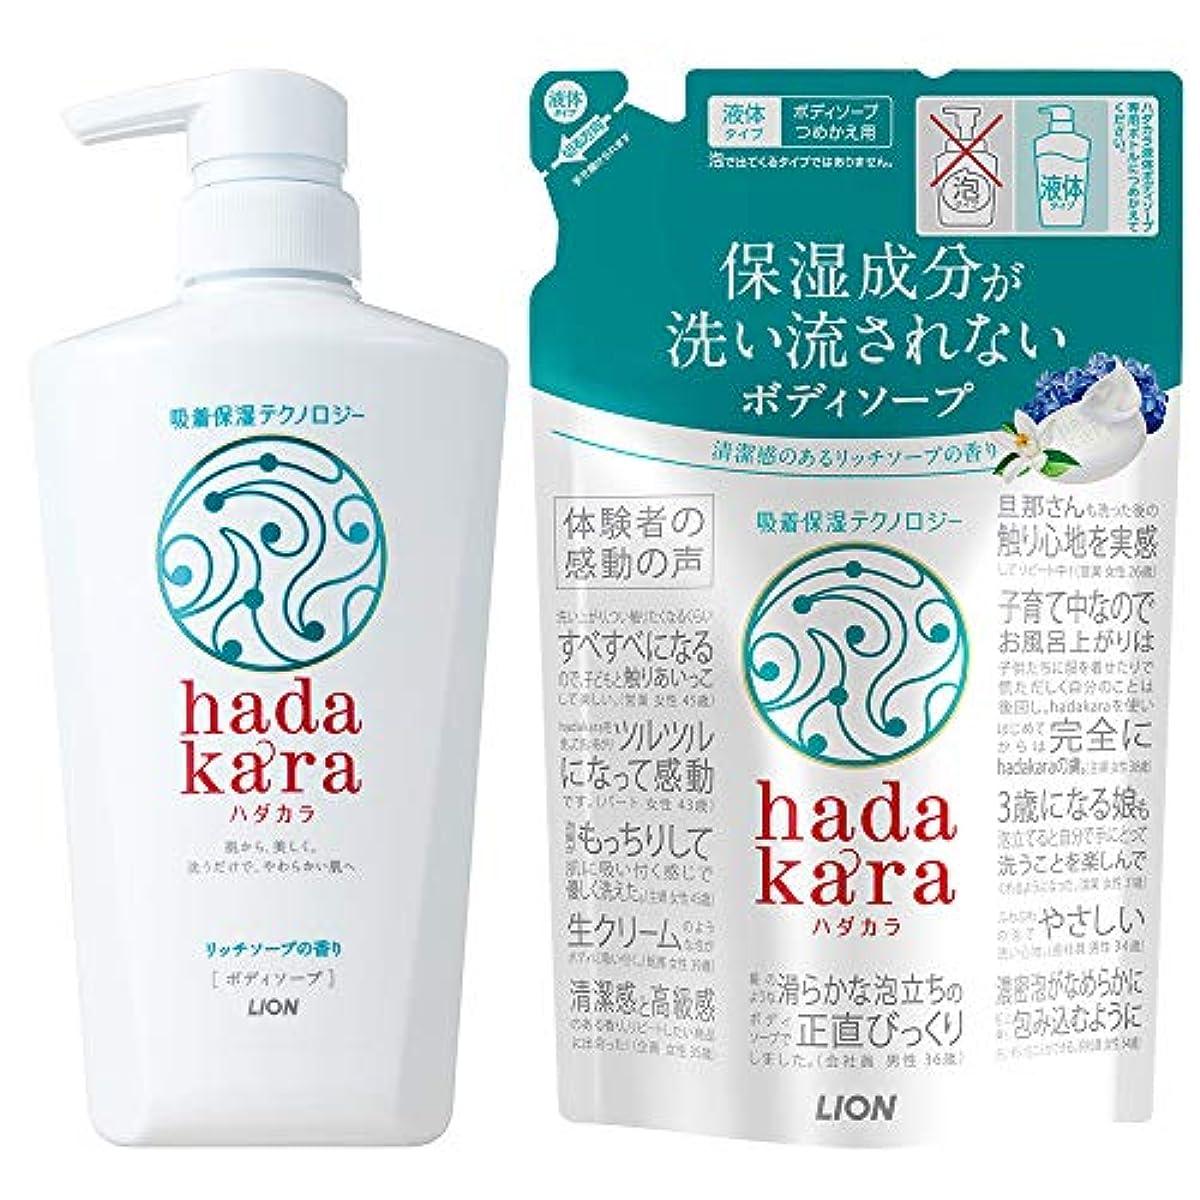 思い出破滅的な勝利hadakara(ハダカラ) ボディソープ リッチソープの香り 本体500ml+つめかえ360ml